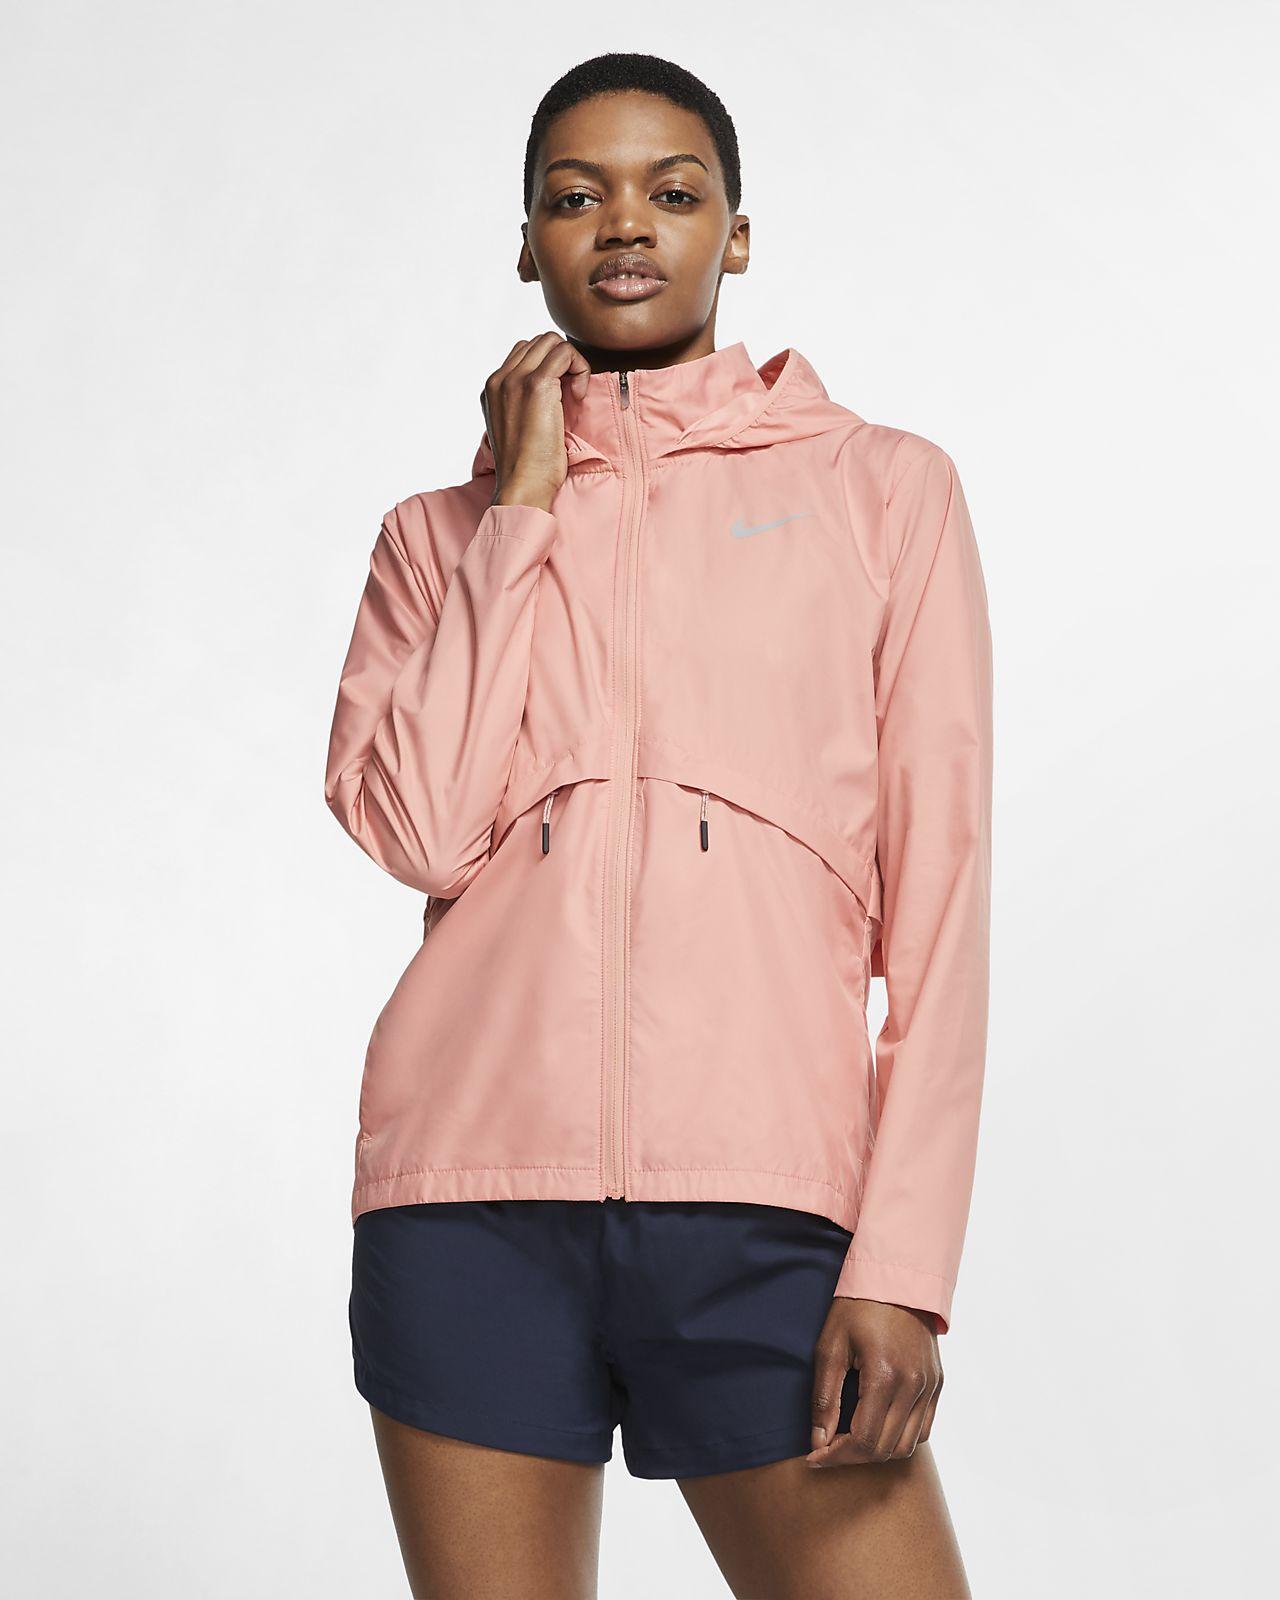 Nike Essential Toplanabilir Kadın Koşu Yağmurluğu